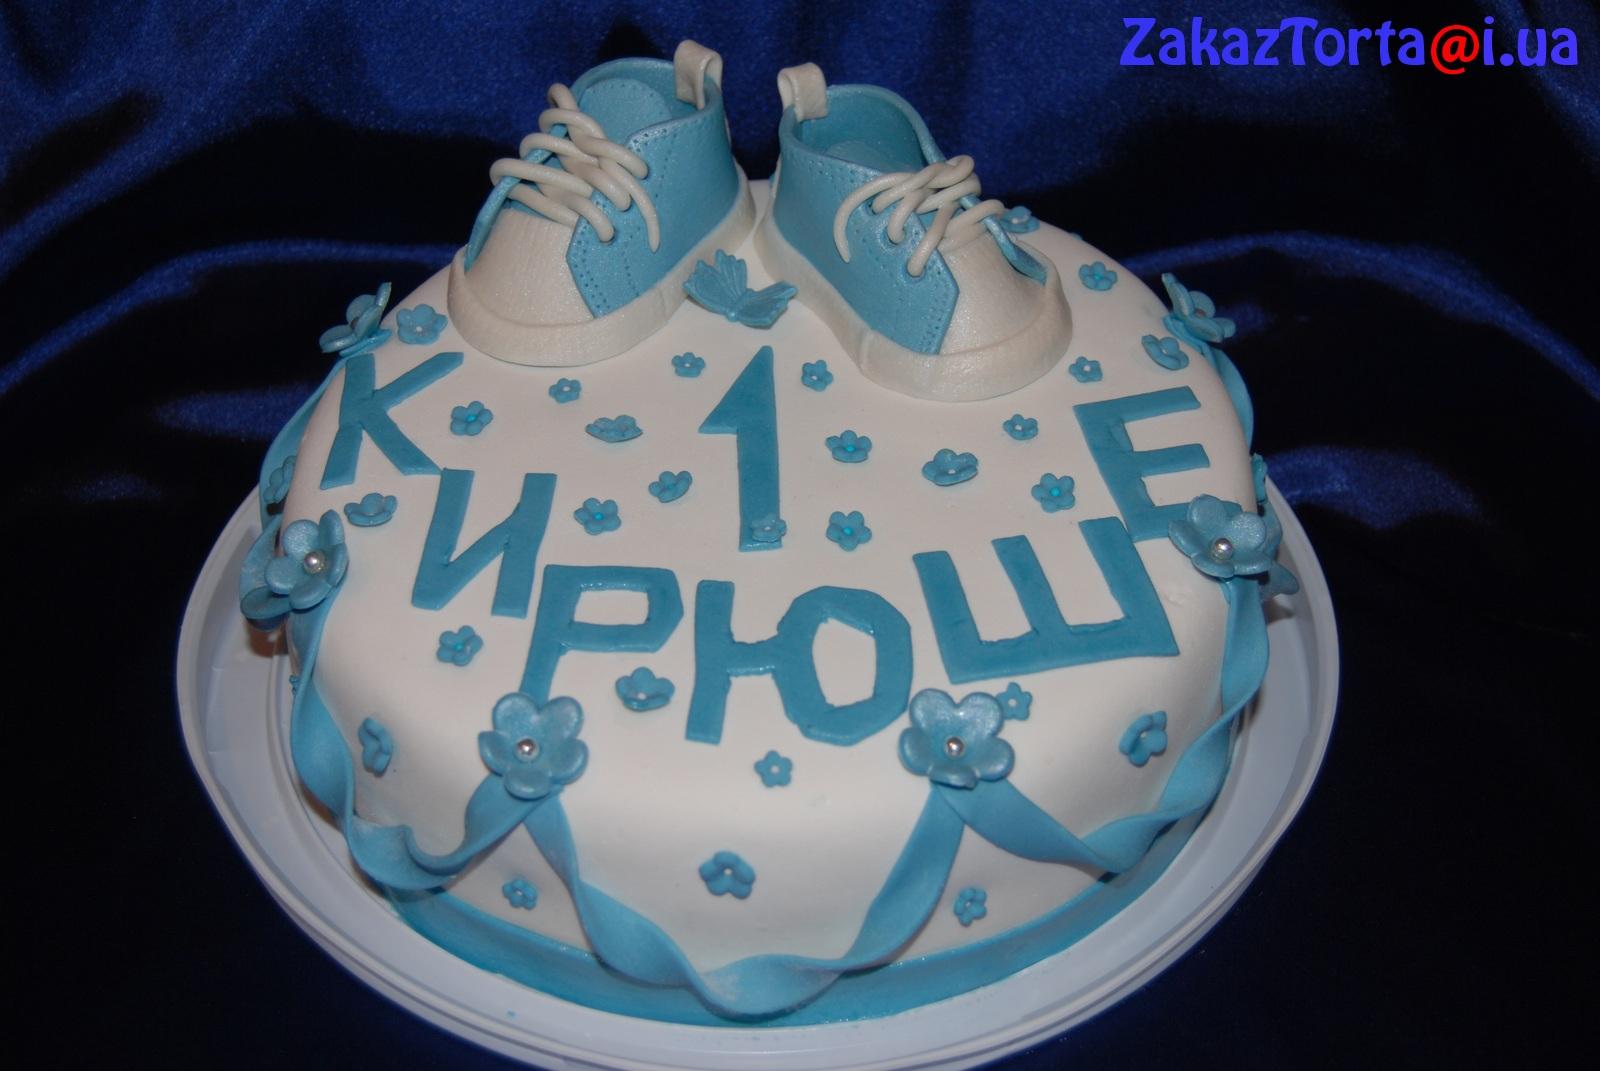 Поздравления с днем рождения Кириллу 1